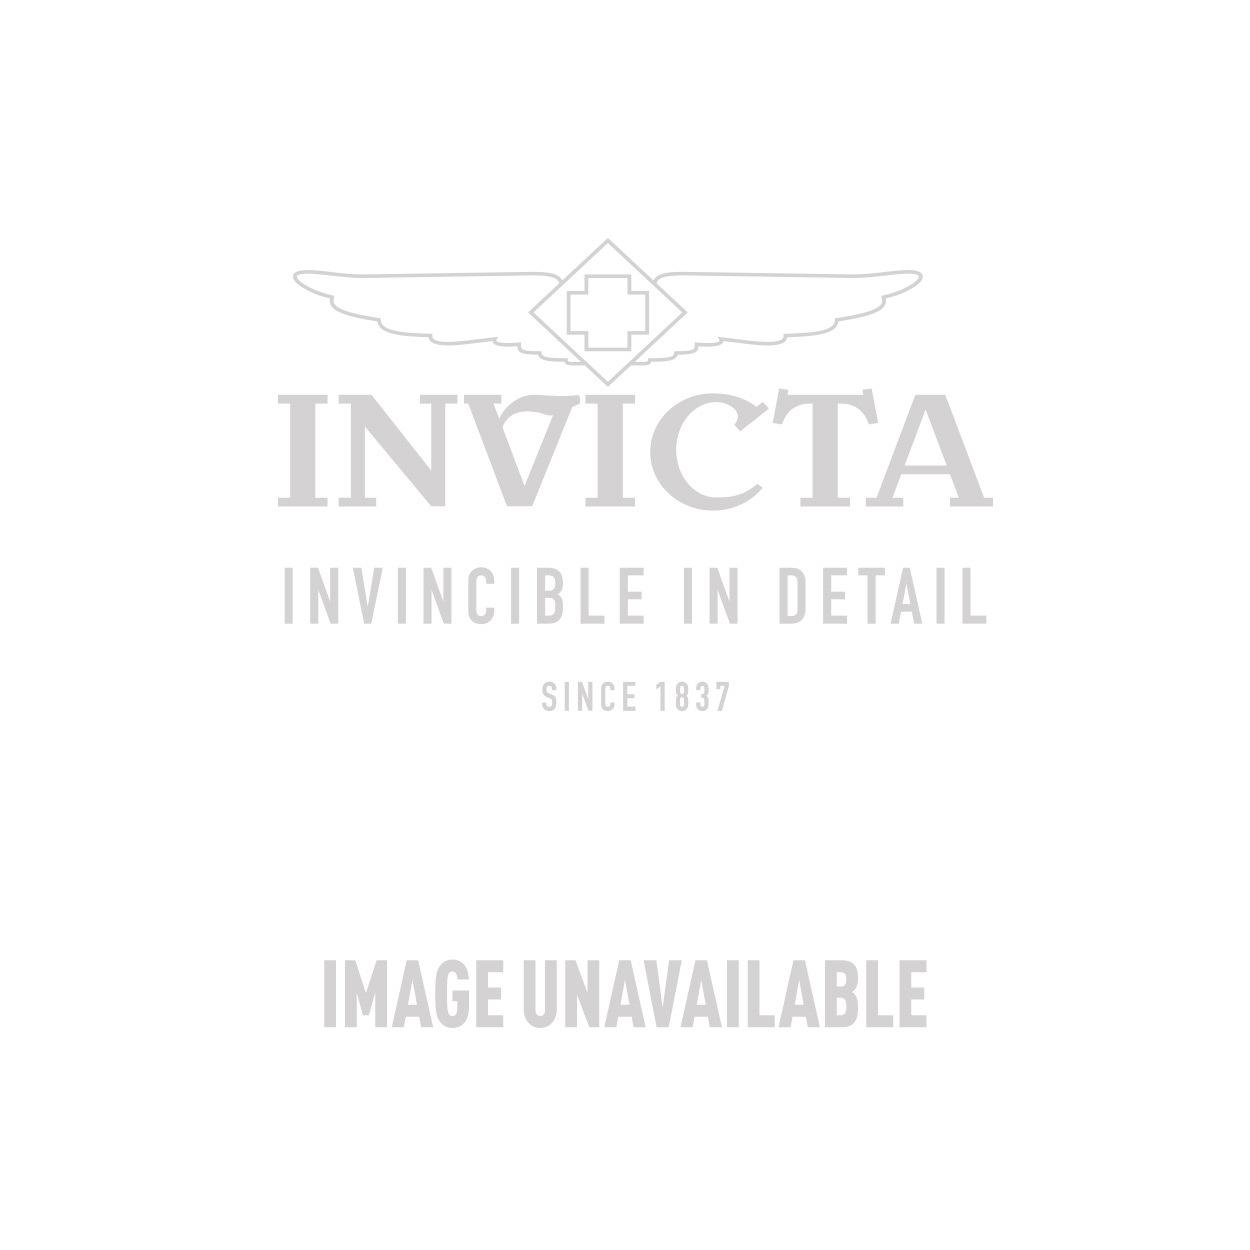 Invicta Model 25514